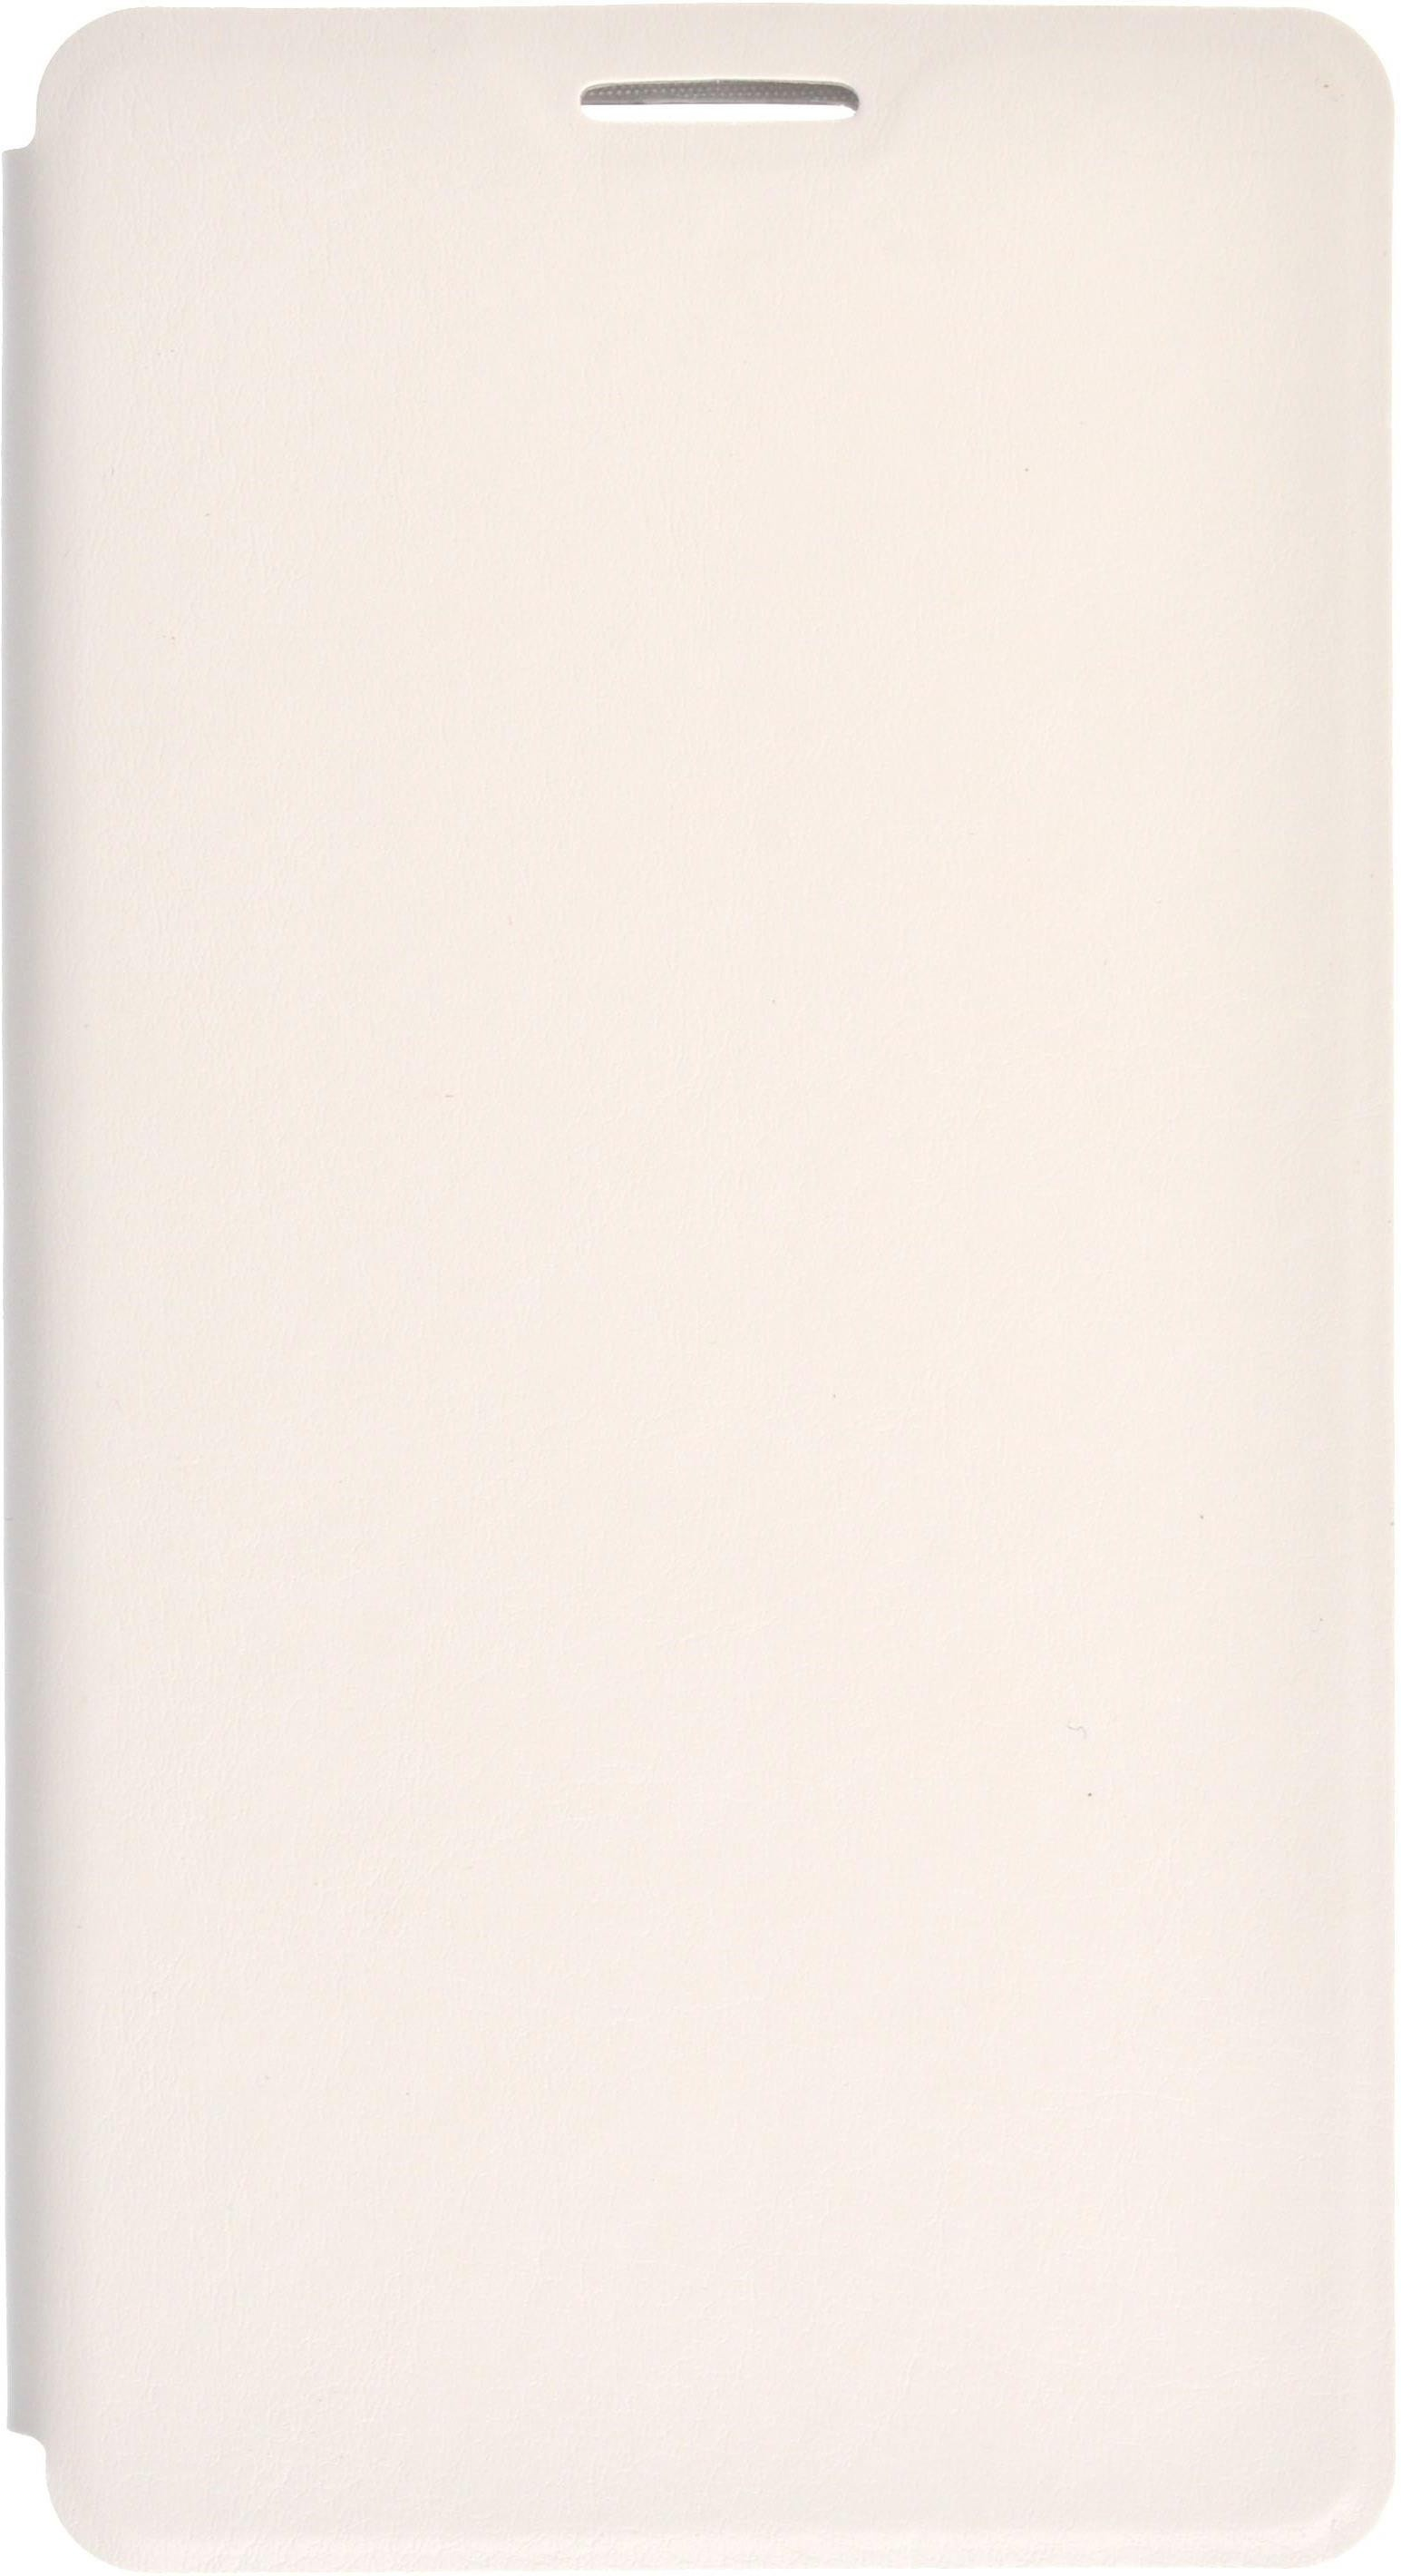 Чехол для сотового телефона skinBOX Lux, 4630042527492, белый цена и фото